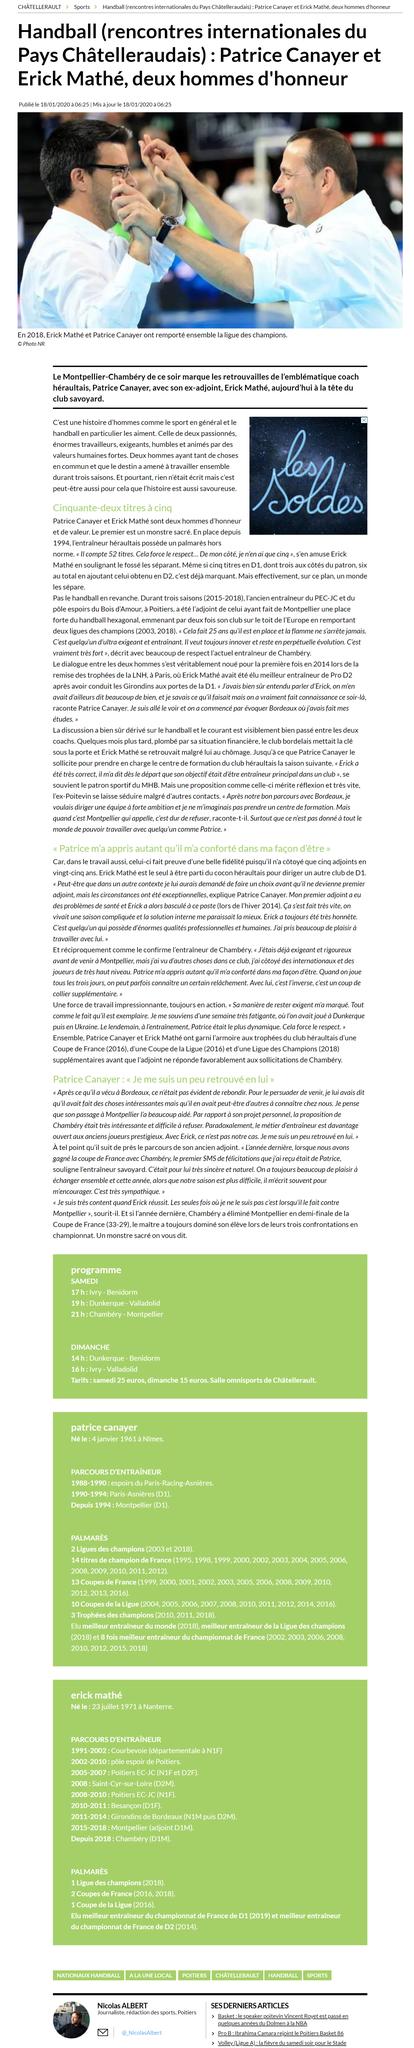 La Nouvelle République, article du 18 janvier 2020